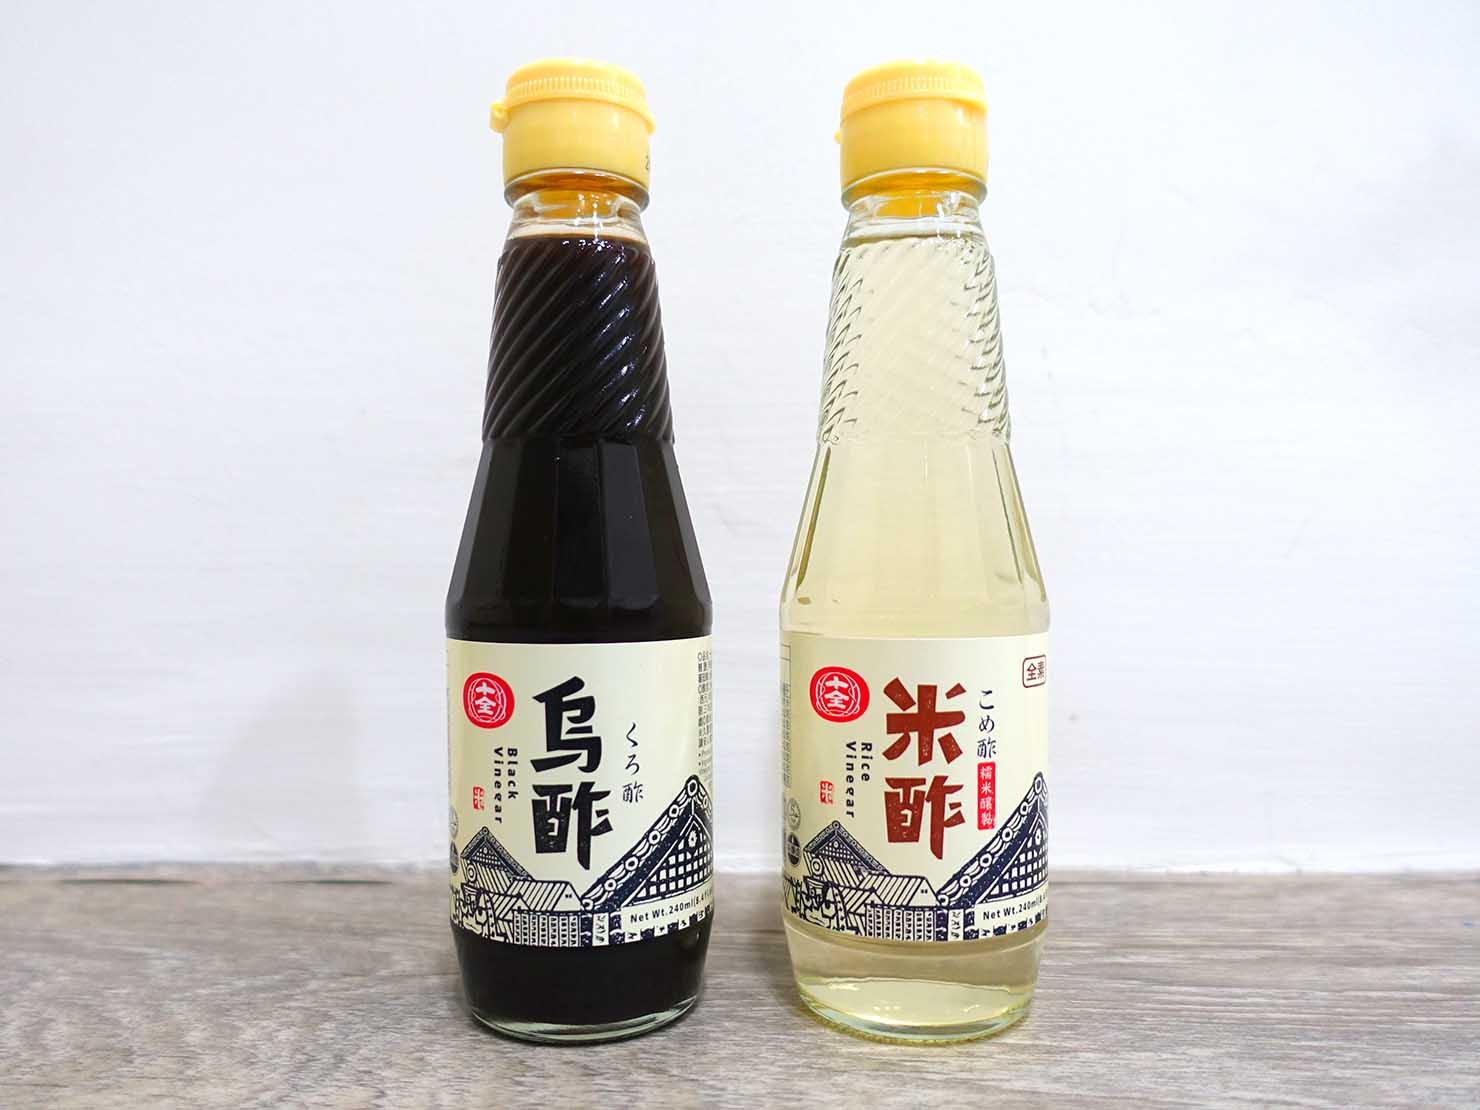 台湾のスーパーで手に入る調味料「白醋」と「烏醋」